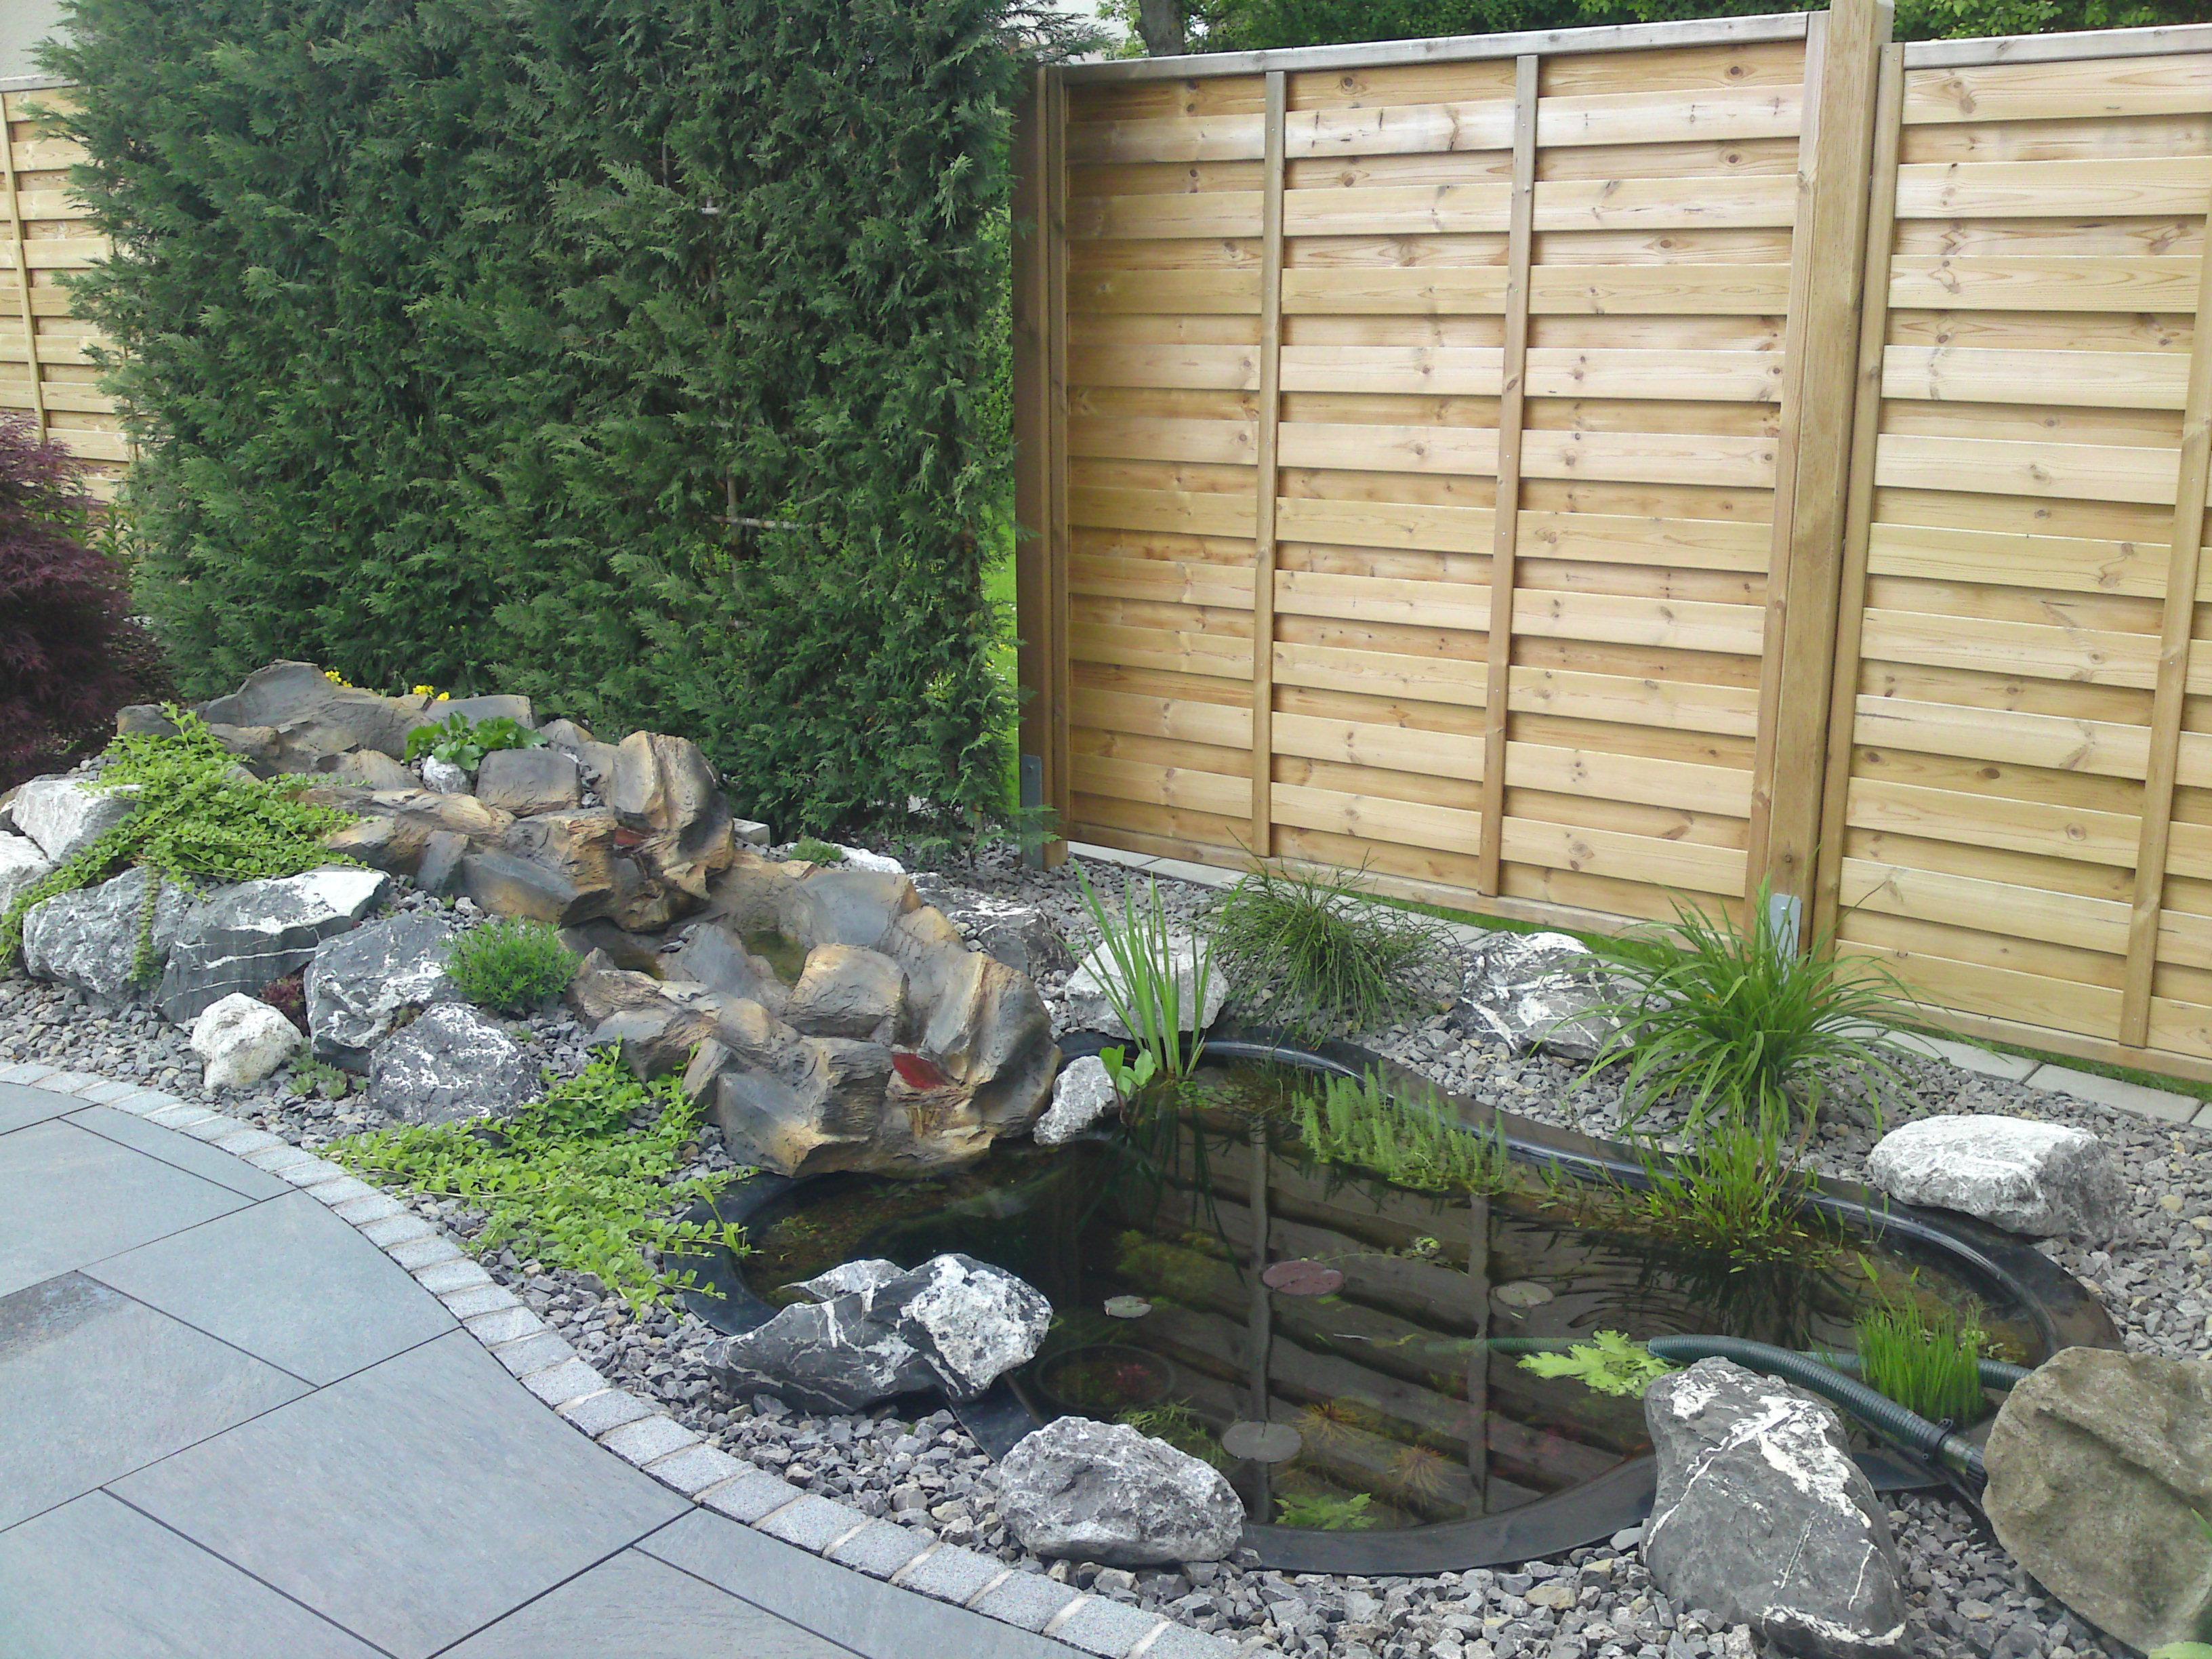 Wasser im Garten Die Magie des Wassern Mitterhofer Gartengestal ~ 01084500_Gartengestaltung Ideen Wasser